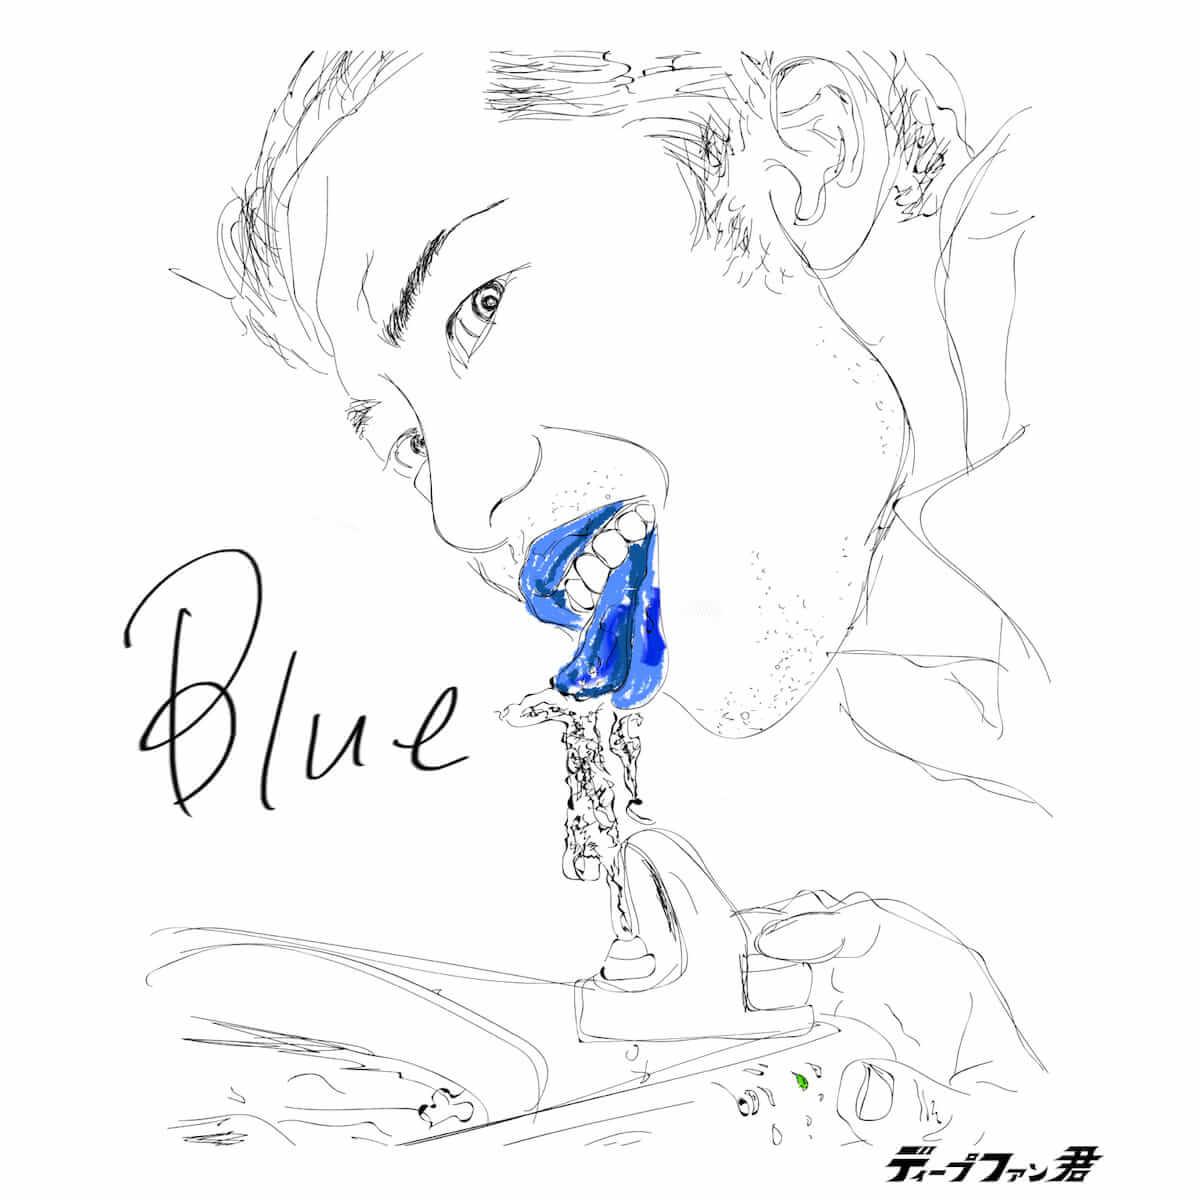 ファンク界の新星・ディープファン君が全国流通盤『PRIVATE BLUE』のリリースを発表!新曲『Blue』MV公開&先行配信開始! music180404_deepfunkun_02-1200x1200